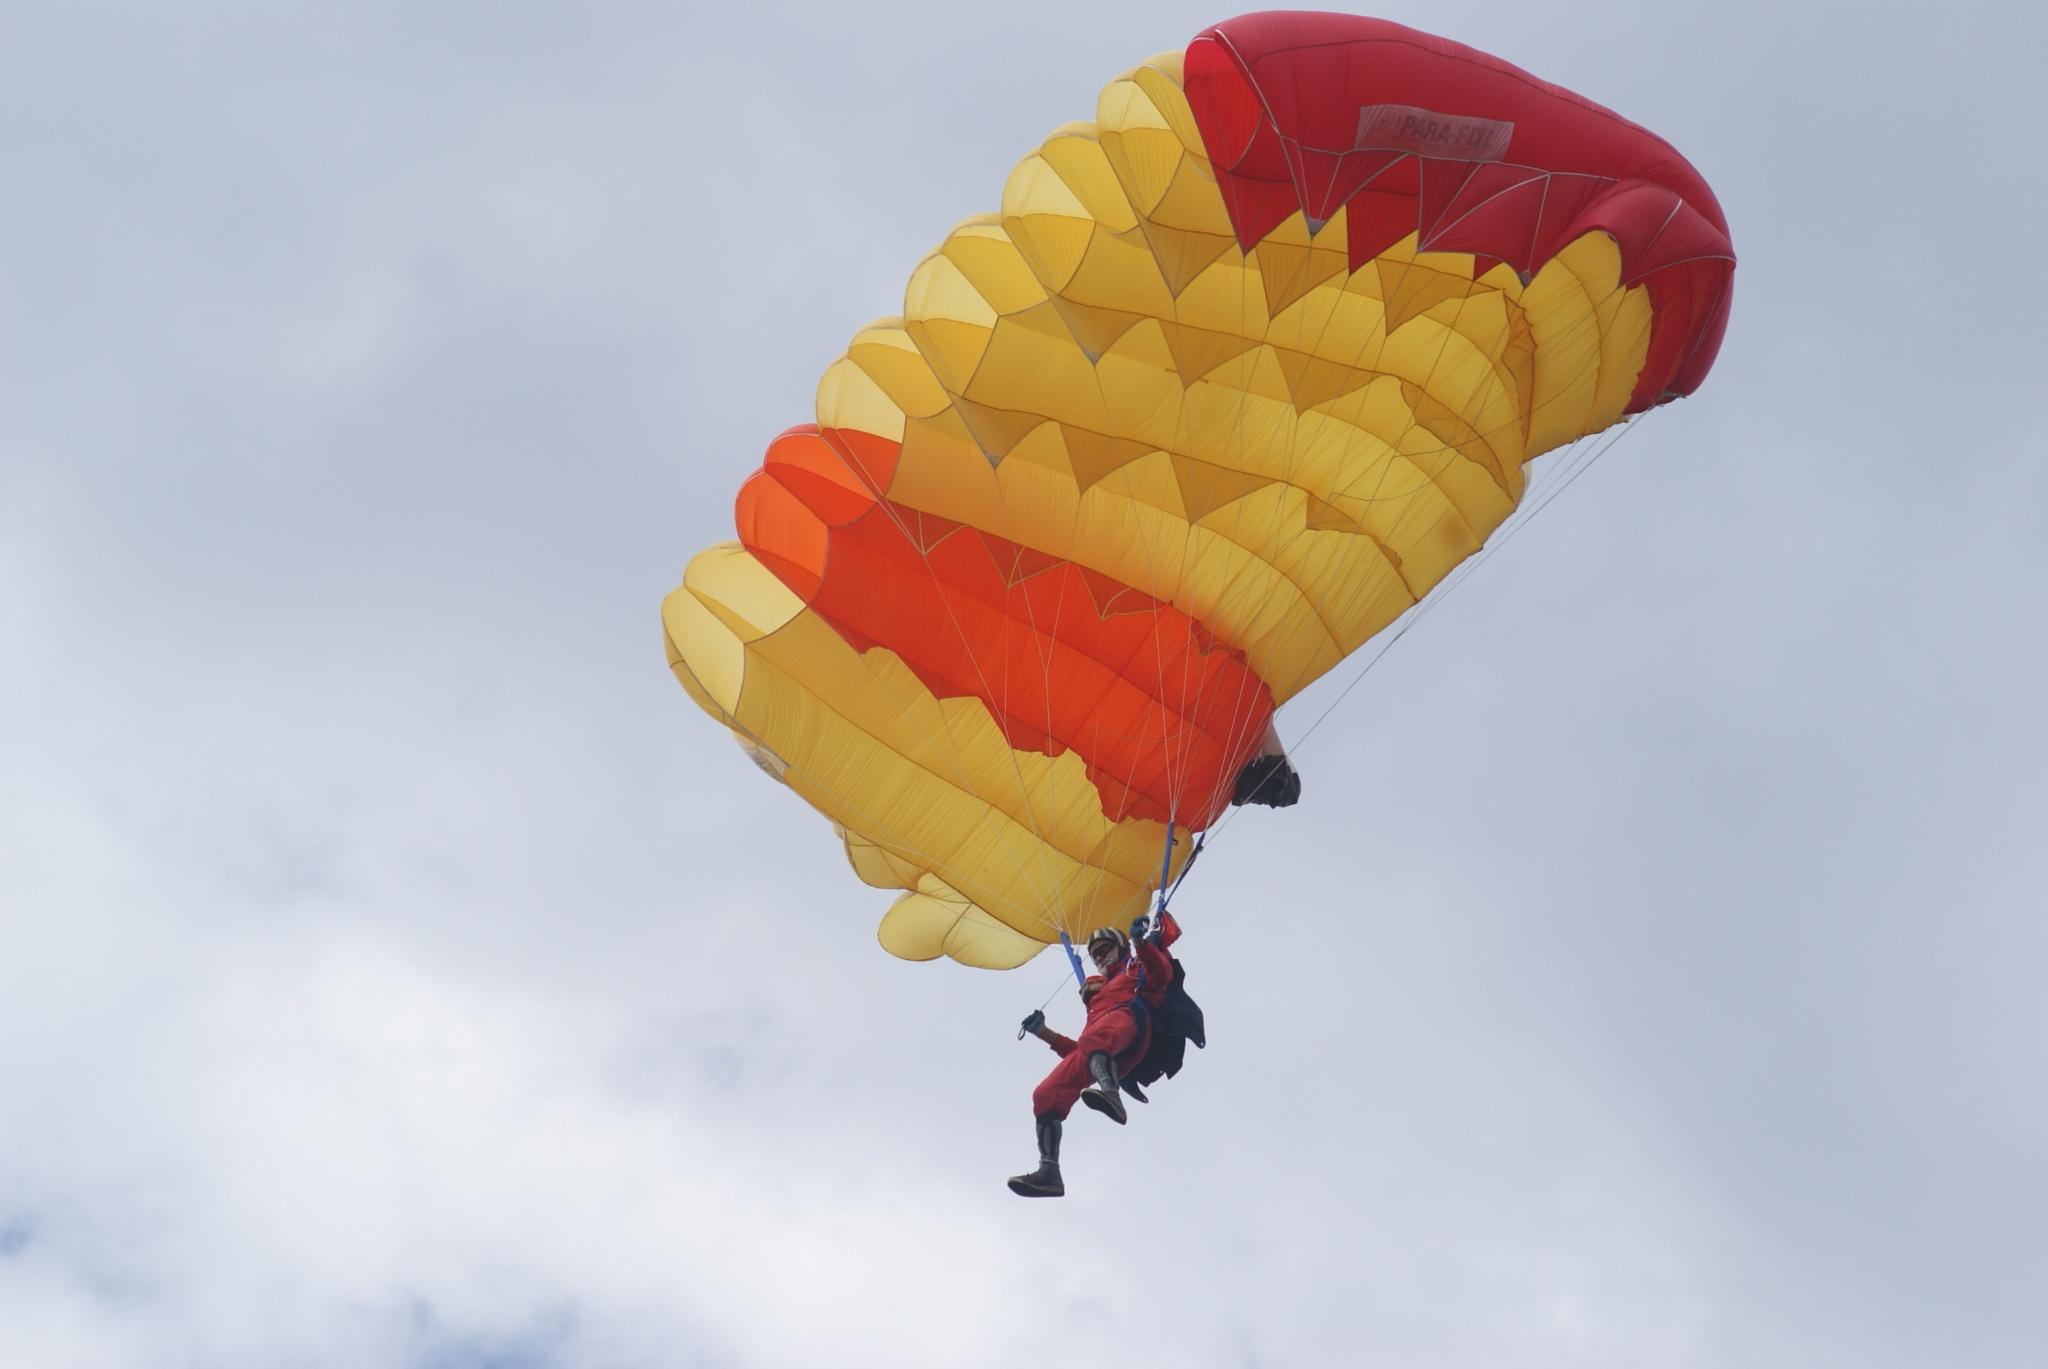 Paracadutismo sportivo by meiferdinando